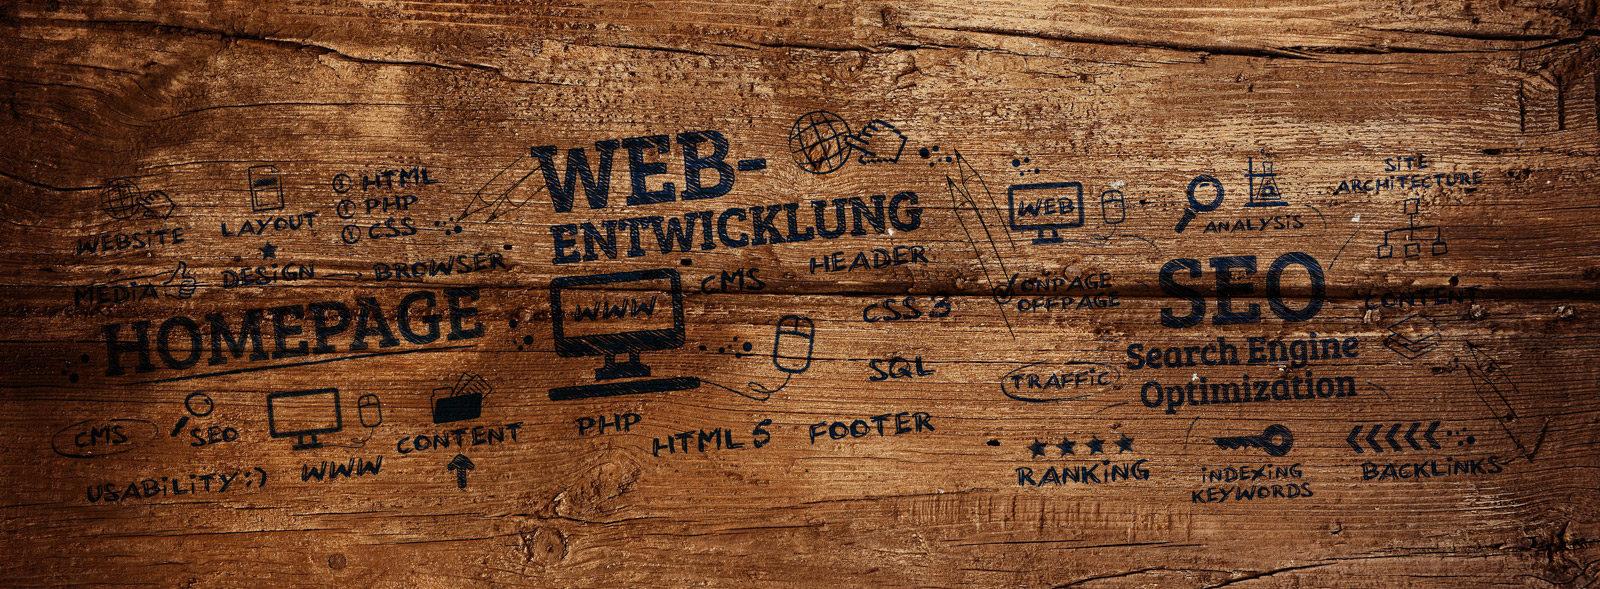 Astrotel Internetmarketing und Webdesign aus Berlin / Brandenburg. Internetservice, Onlinemarketing, Suchmaschinenoptimierung (SEO) und Programmierung.